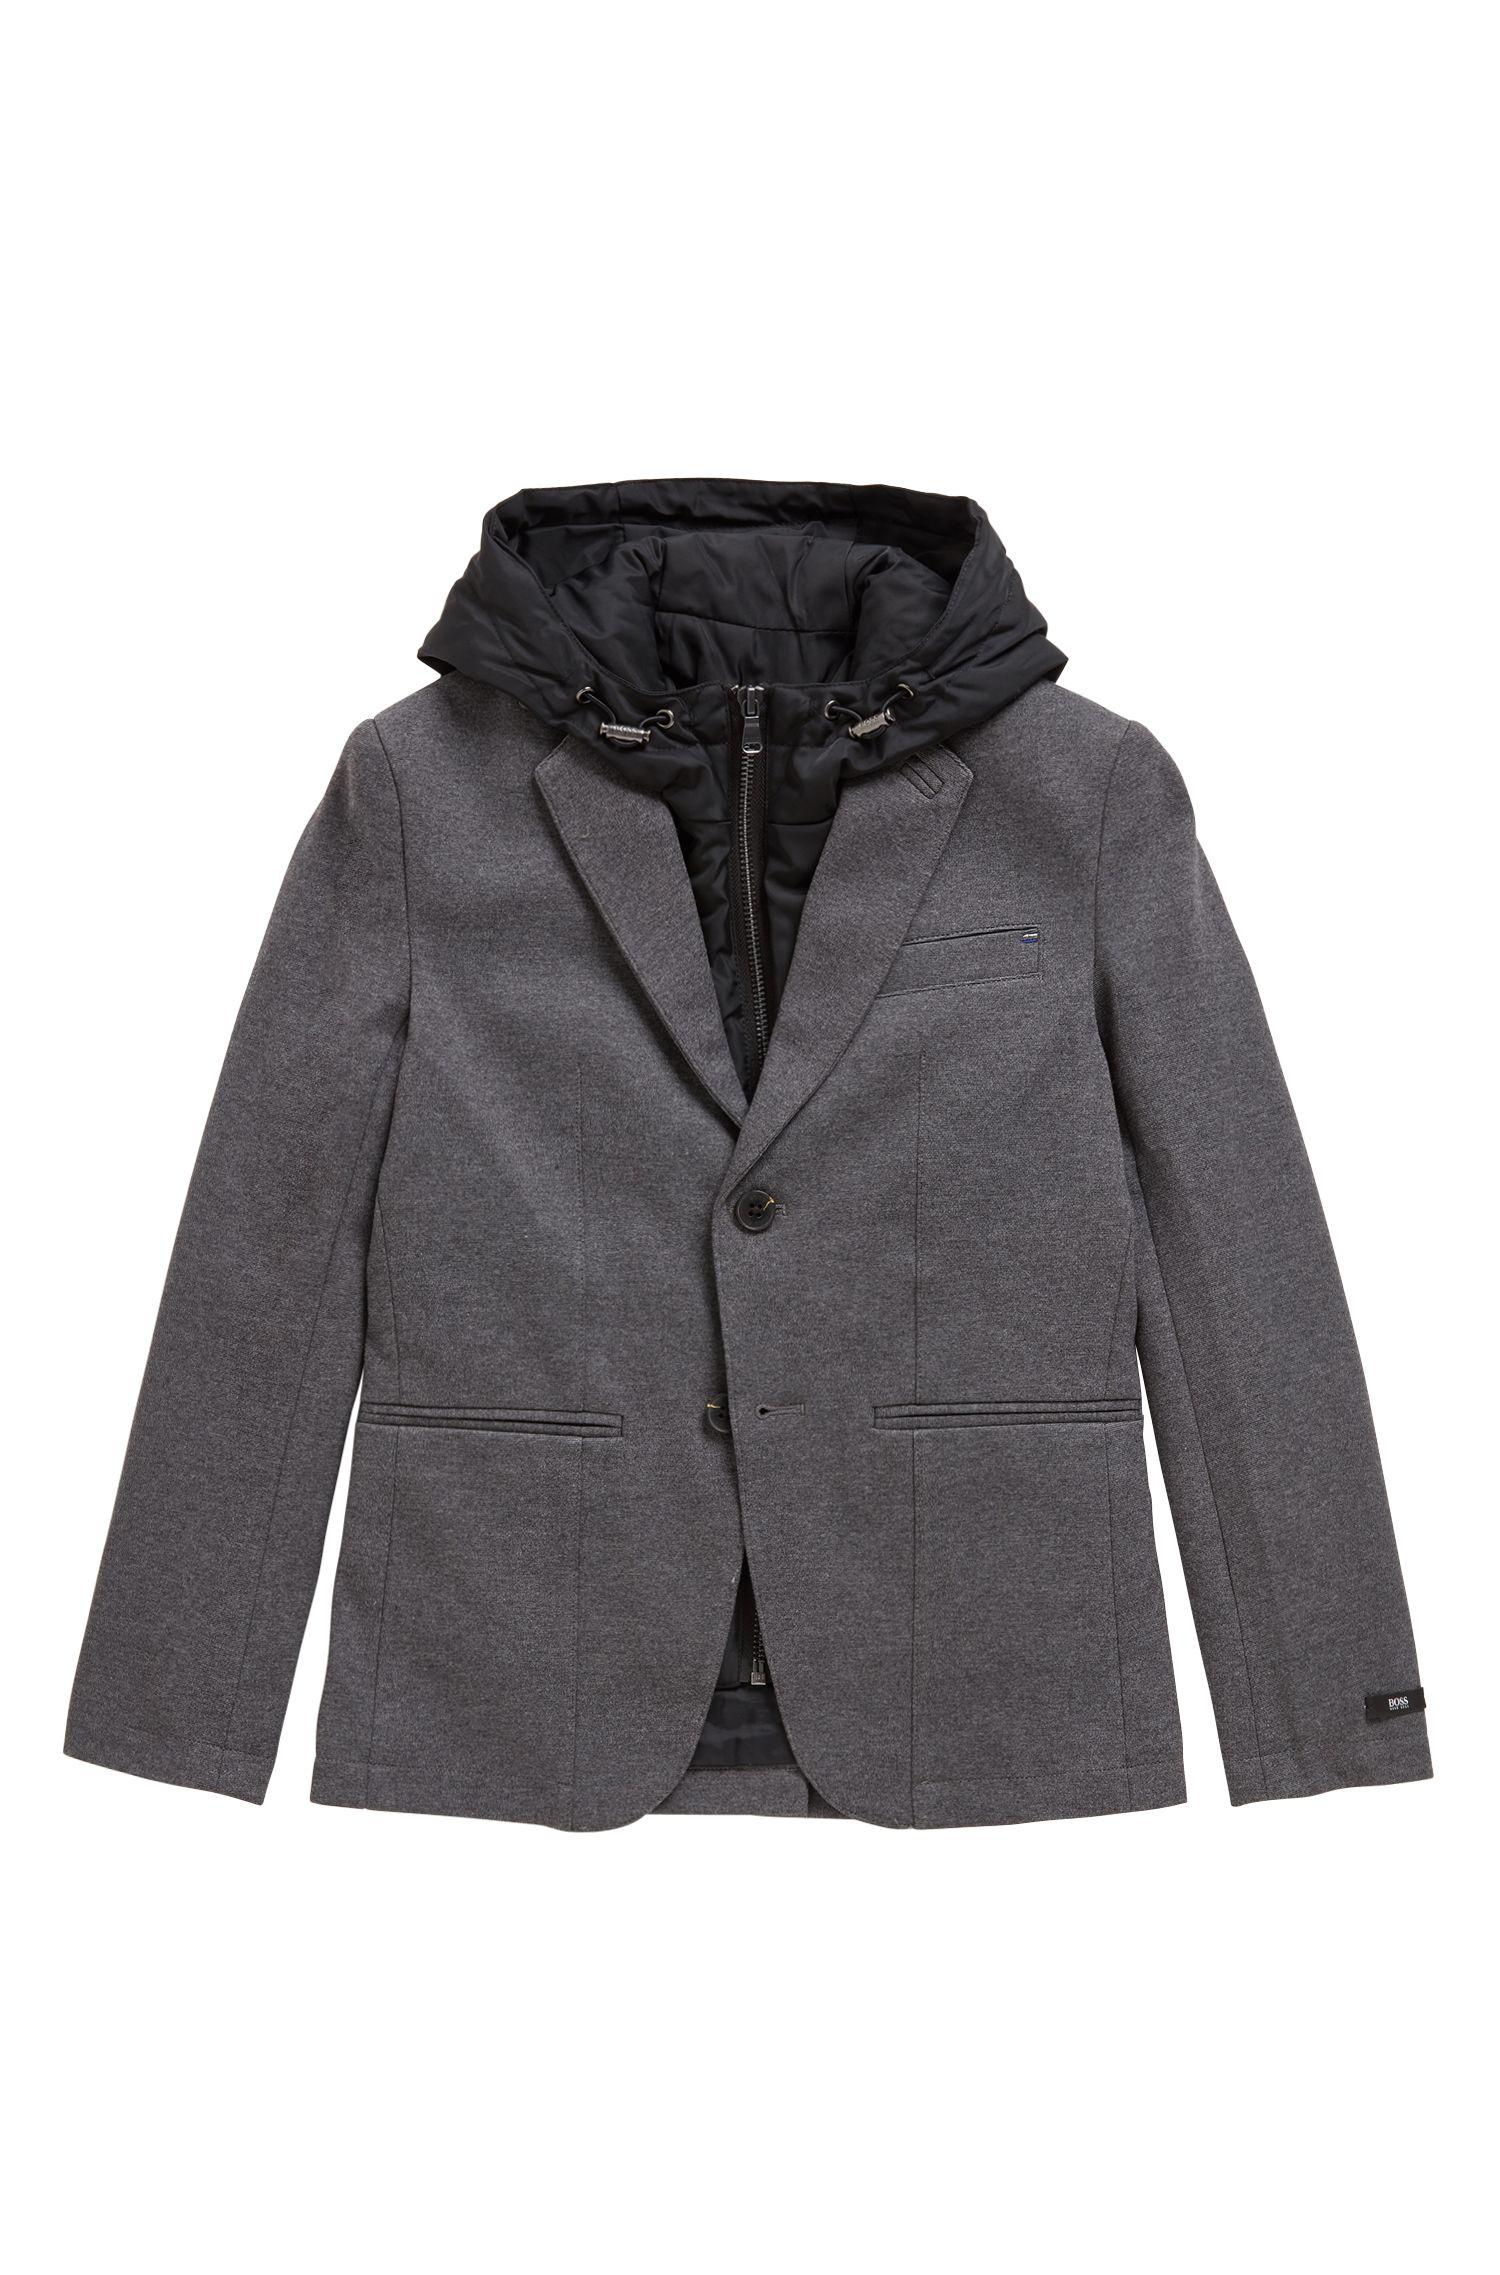 Blazer pour enfant avec veste intérieure amovible, Anthracite